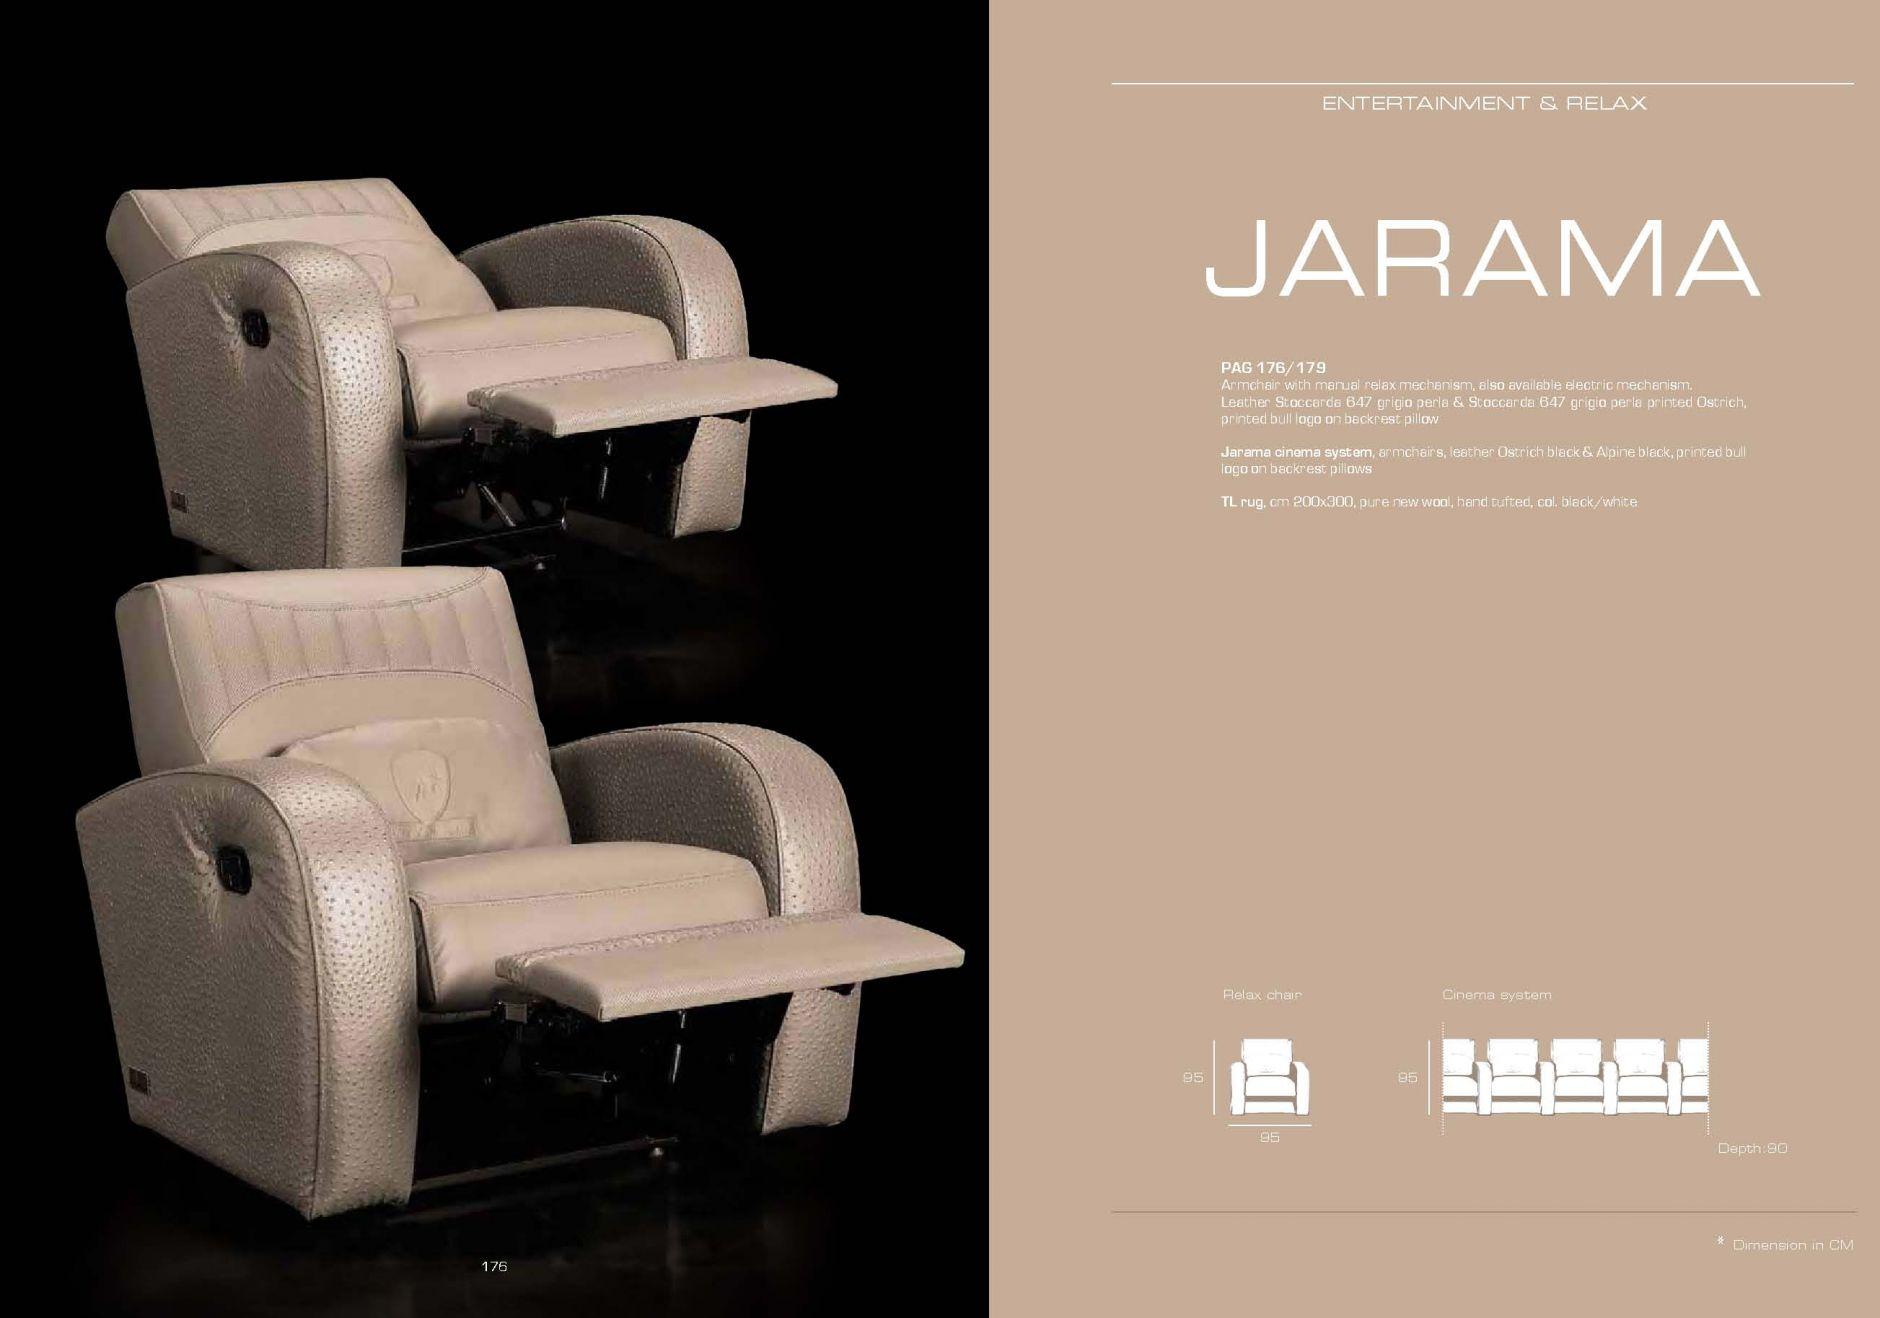 Meubles de luxe luxe cin ma meubles s rie jarama cin males meubles de l 39 italie - Meuble de luxe ...